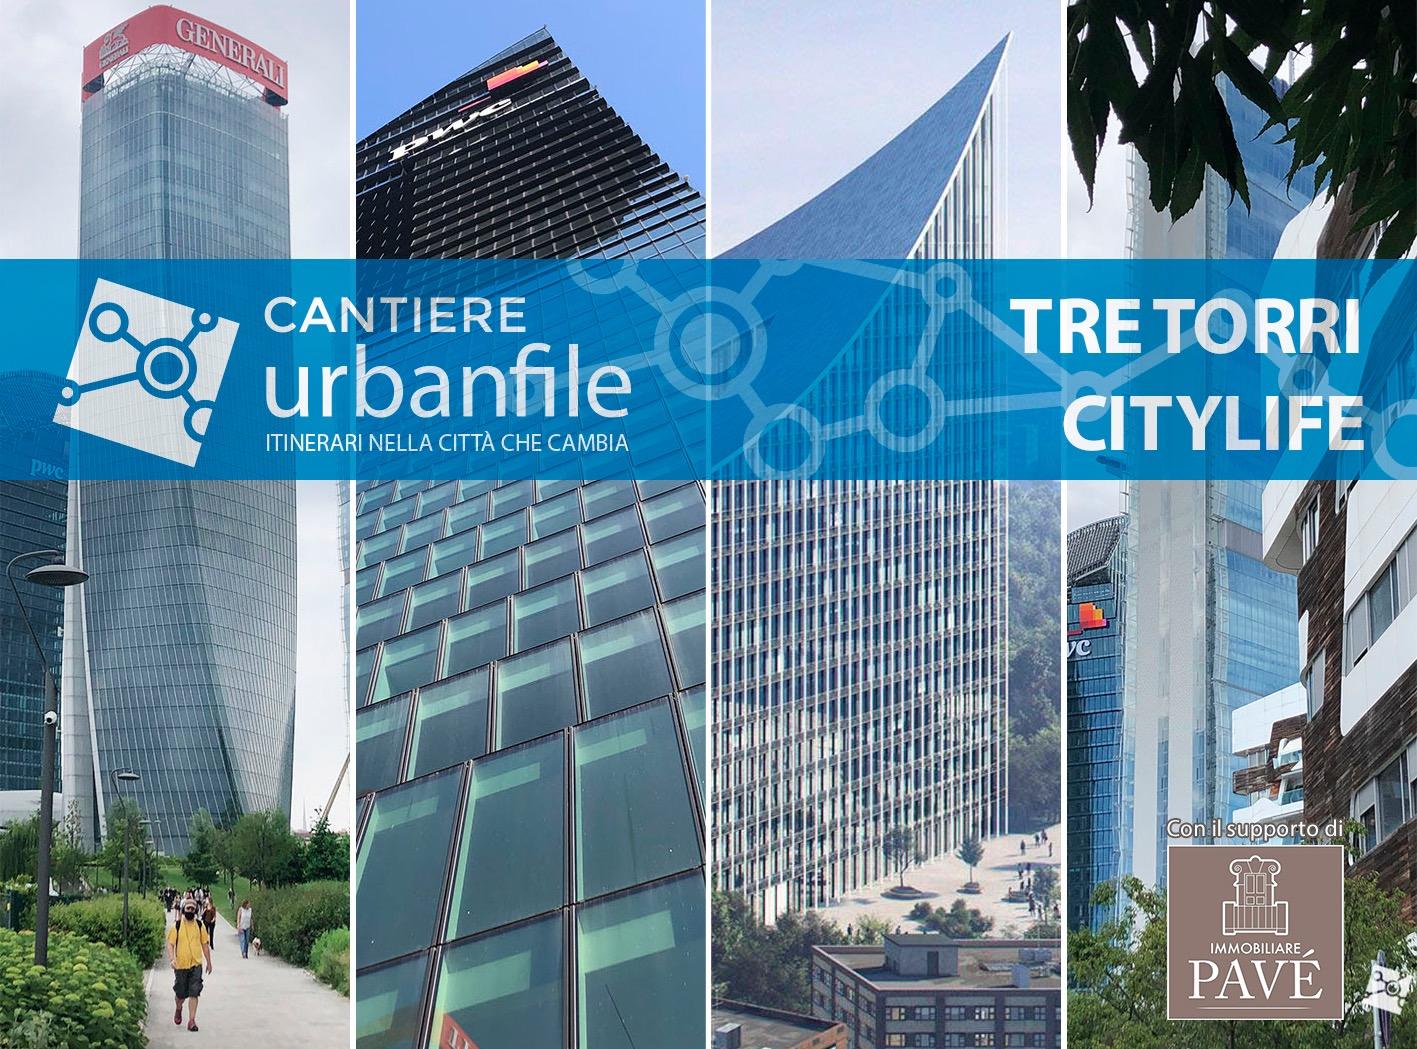 Milano | Cantiere Urbanfile a CityLife il 13 febbraio